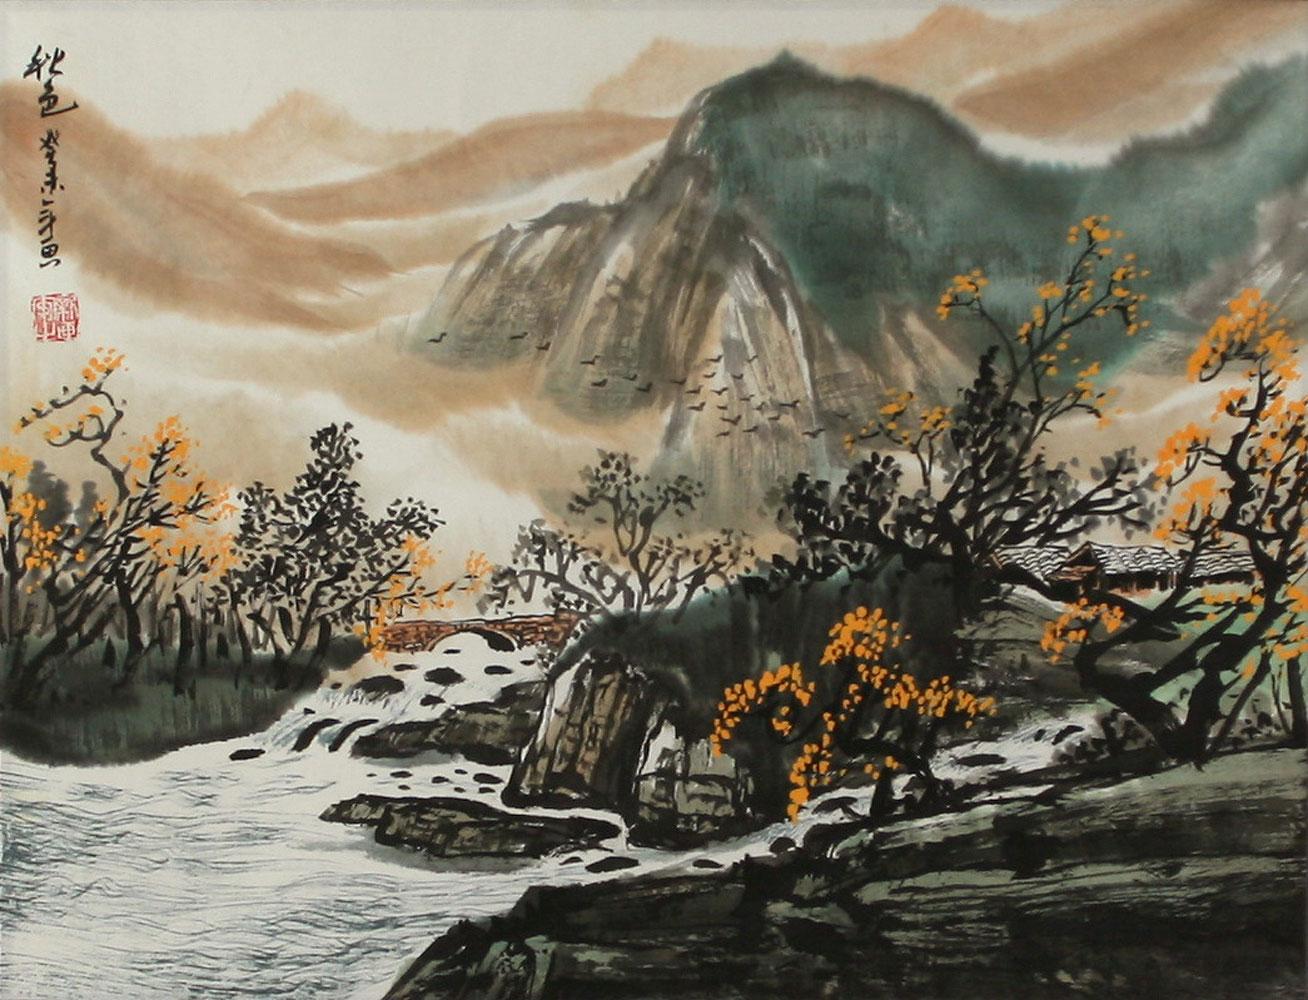 Asian Landscape Paintings